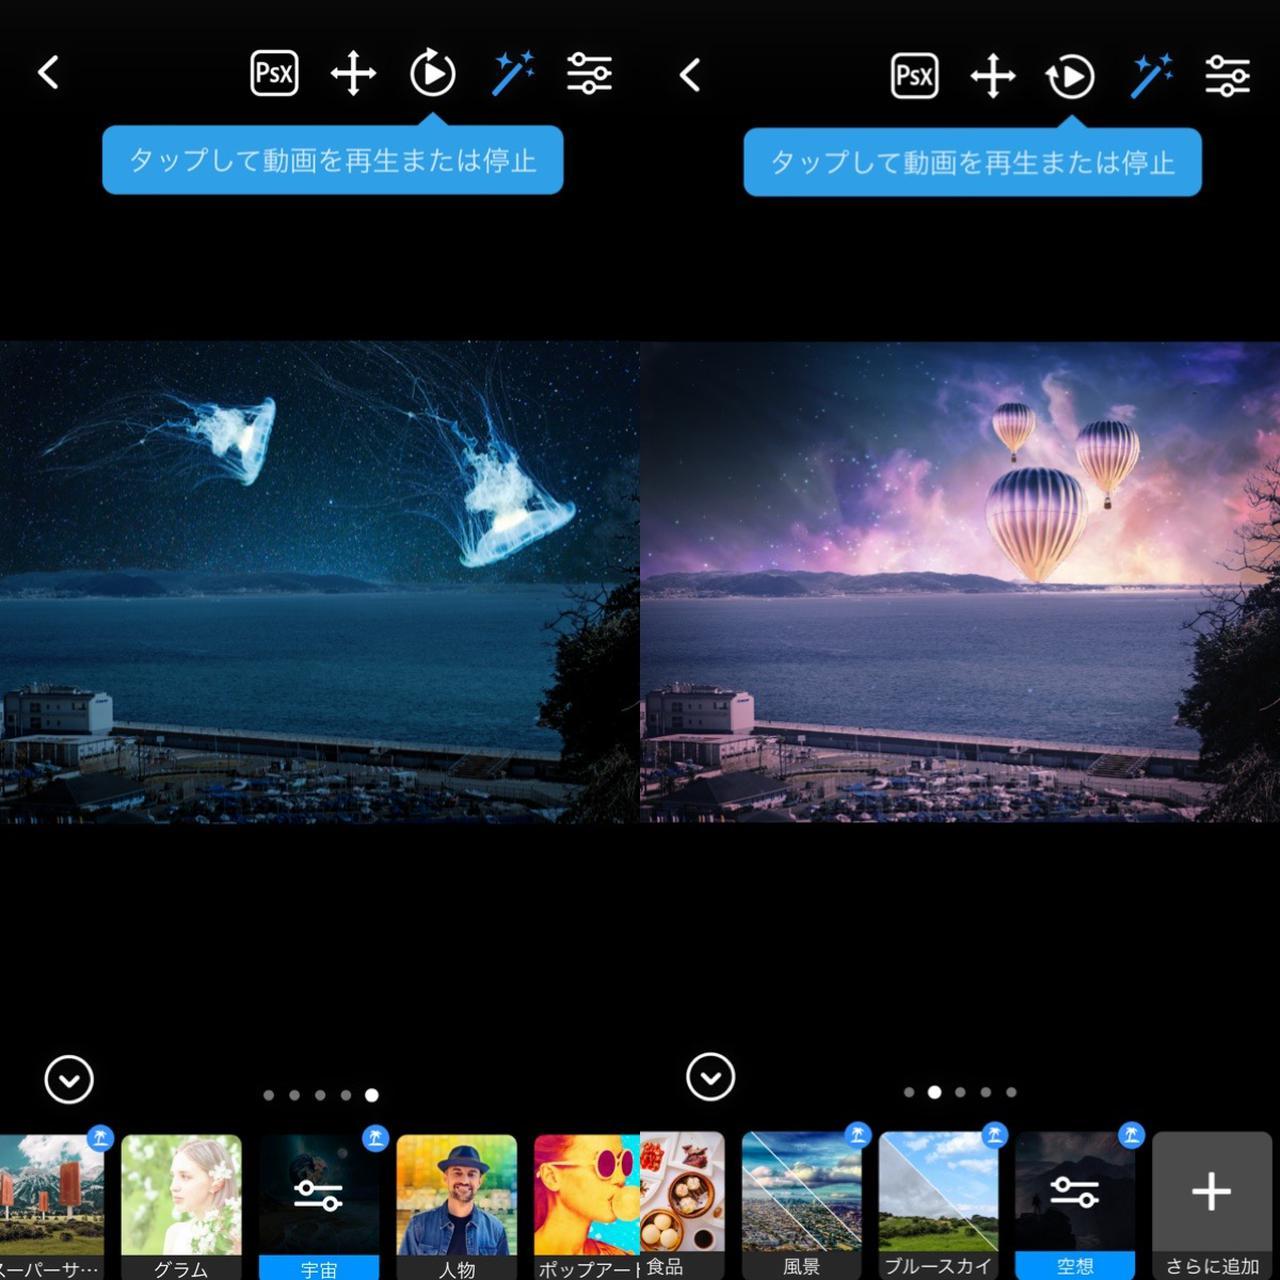 画像2: 空も自然に盛れちゃう!さすがのPhotoshopの技術です。